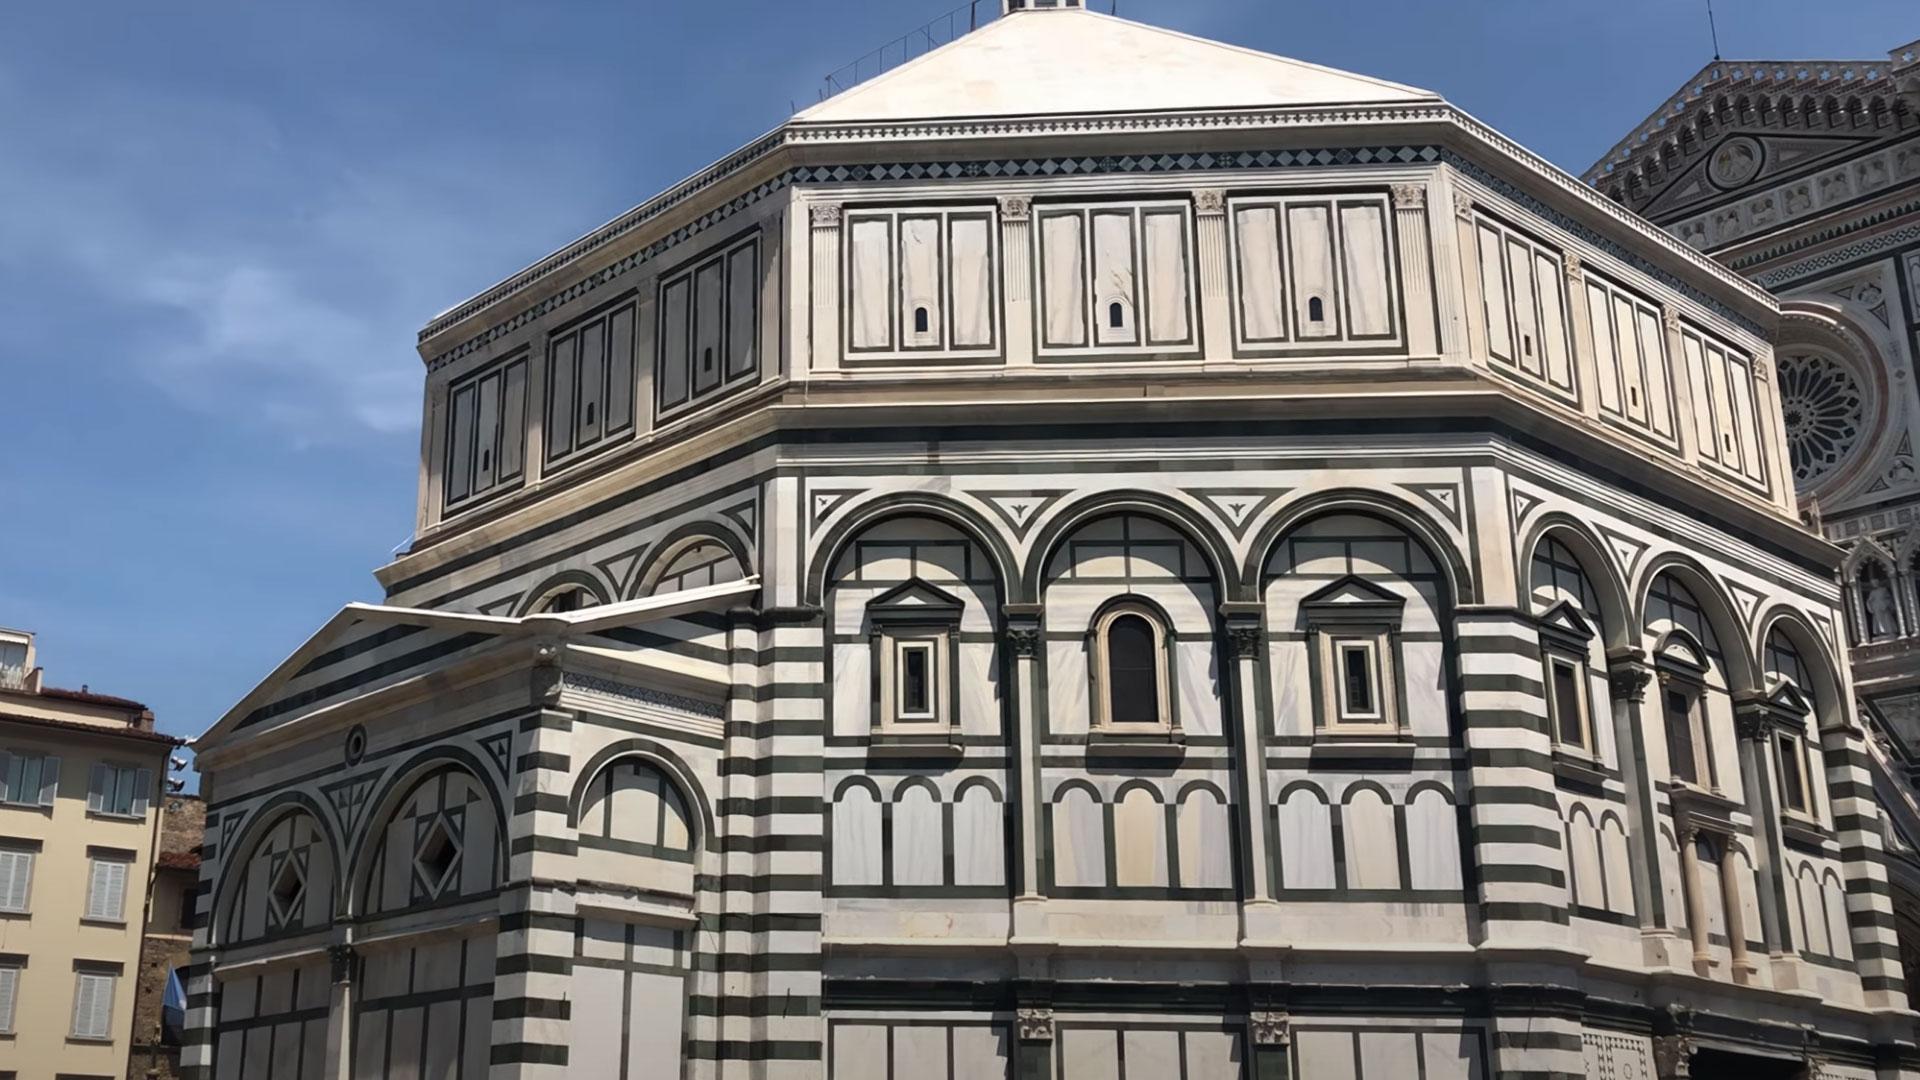 Firenze,  Battistero, Duomo e Campanile di Giotto. Video convertito in 4k con Topaz Video Enhance